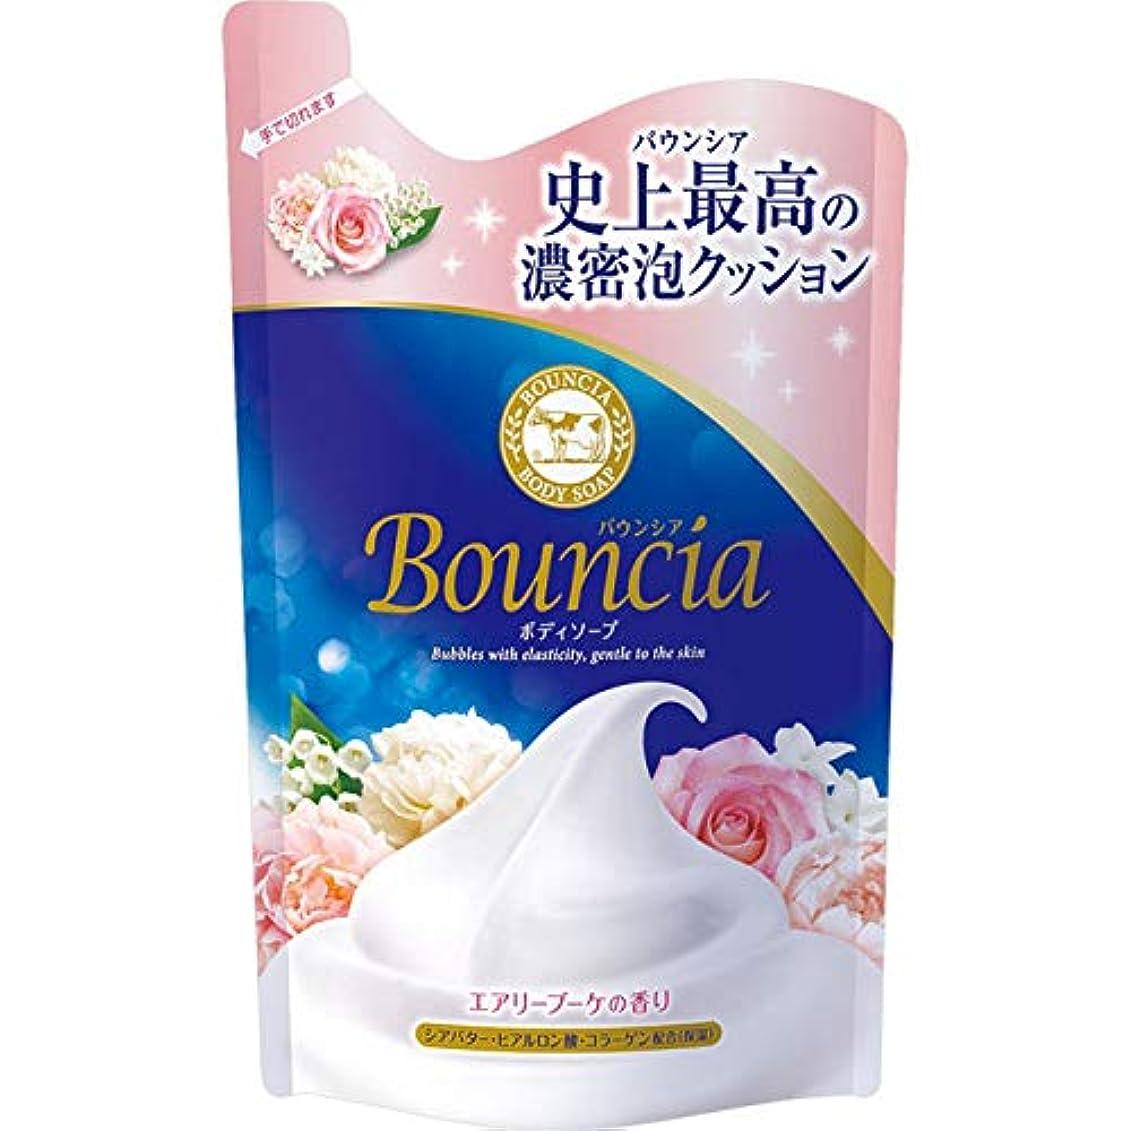 スラックアジア早いバウンシアボディソープ エアリーブーケの香り 詰替用?400mL × 4個セット